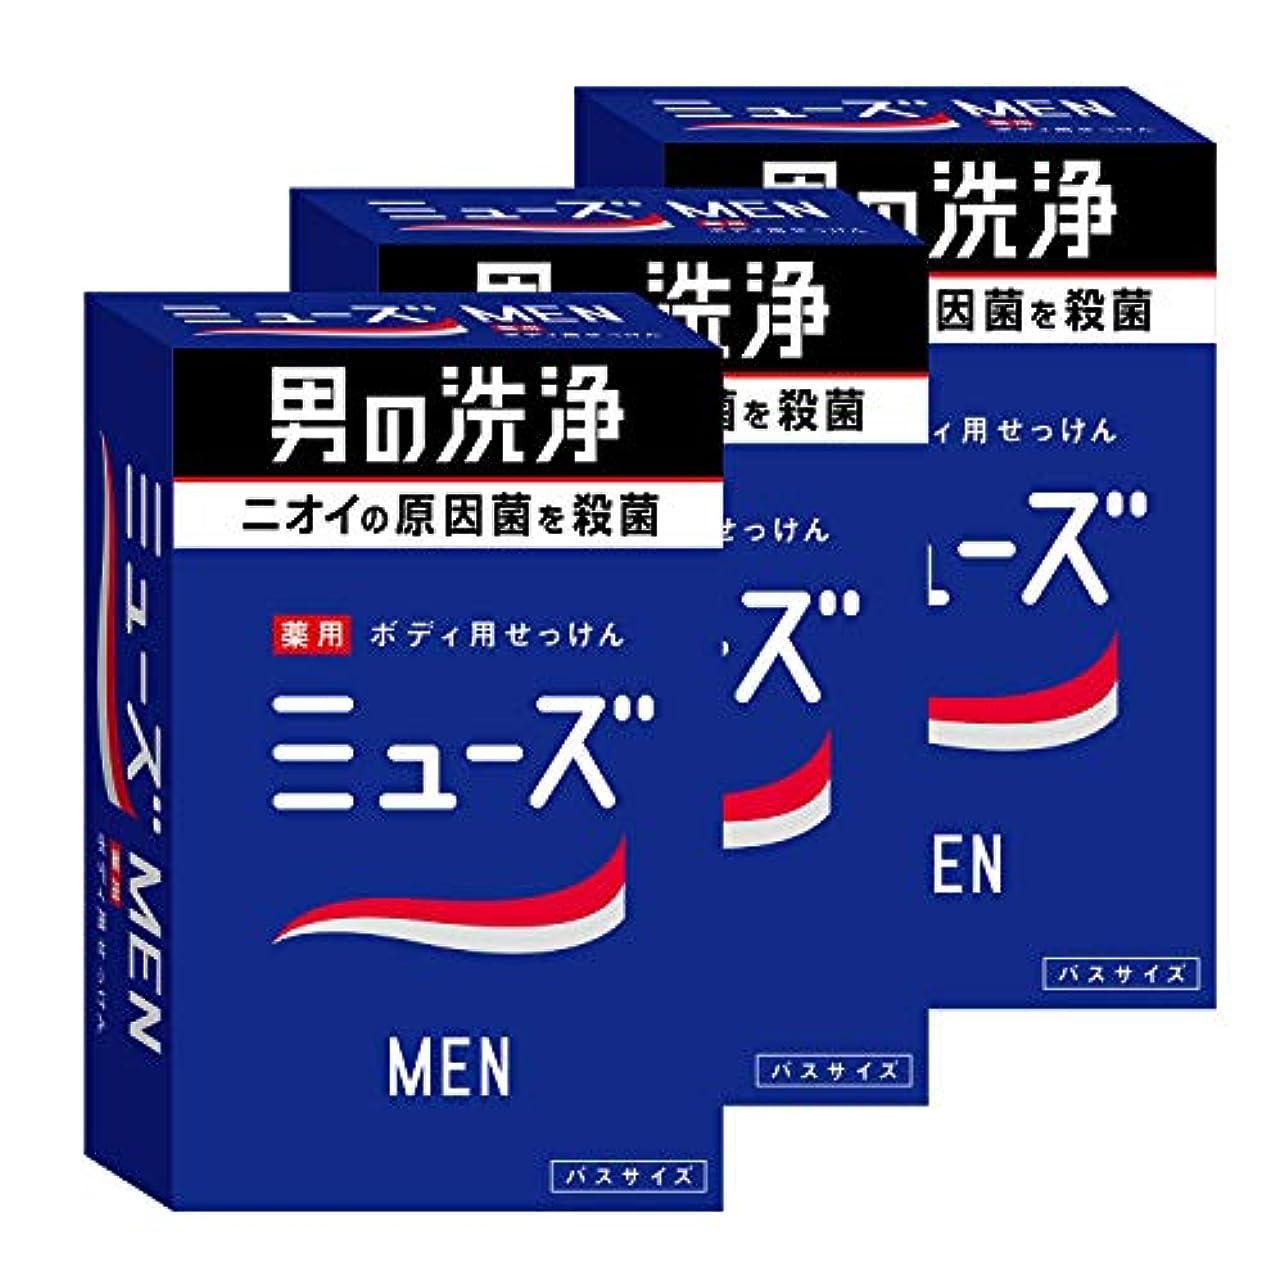 飽和する対角線安心【医薬部外品】ミューズメン ボディ用 石鹸 135g ×3個 消臭